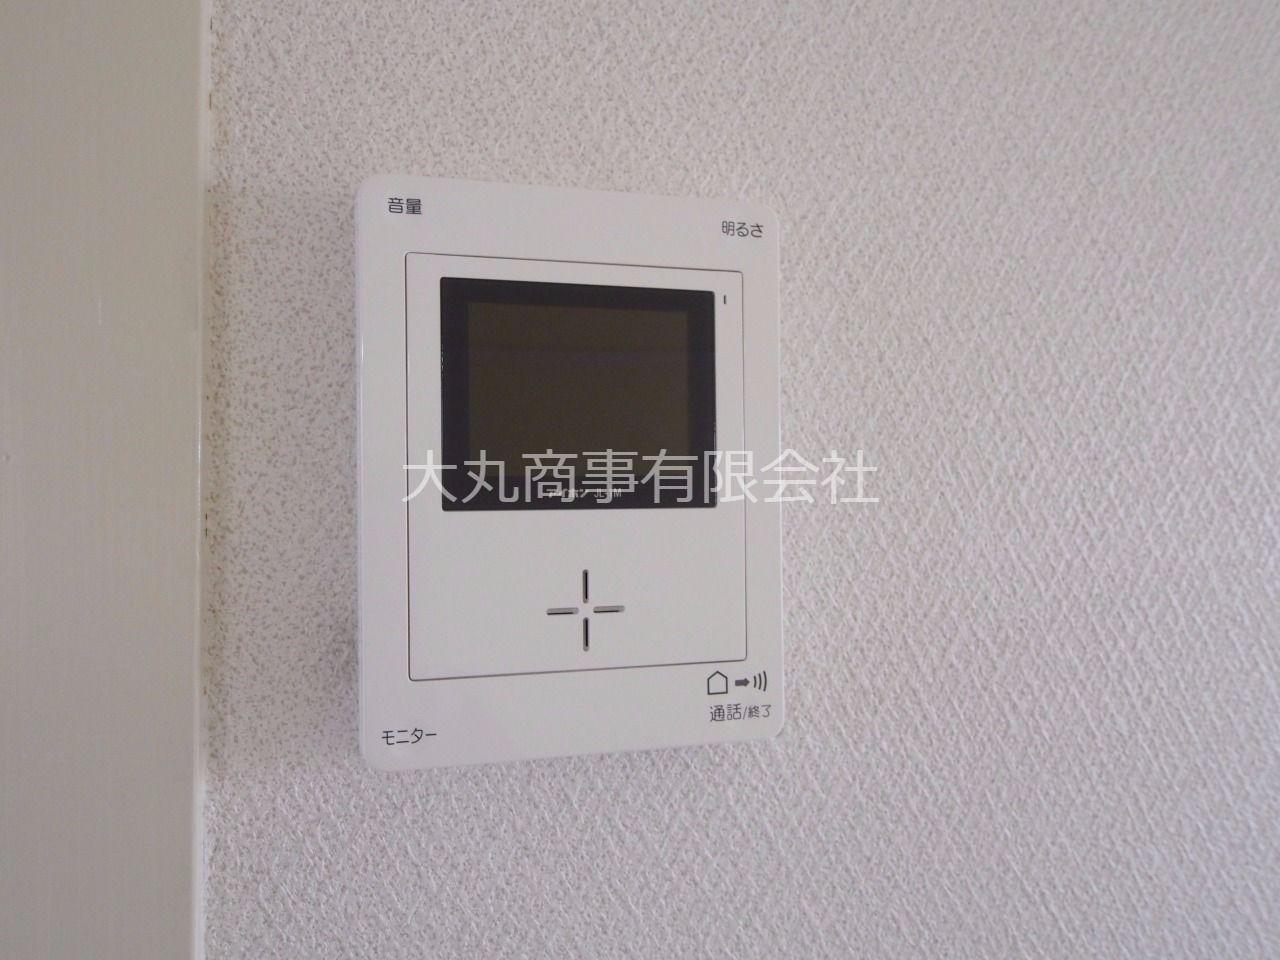 TVモニター付インターホンで来訪者を確認できます